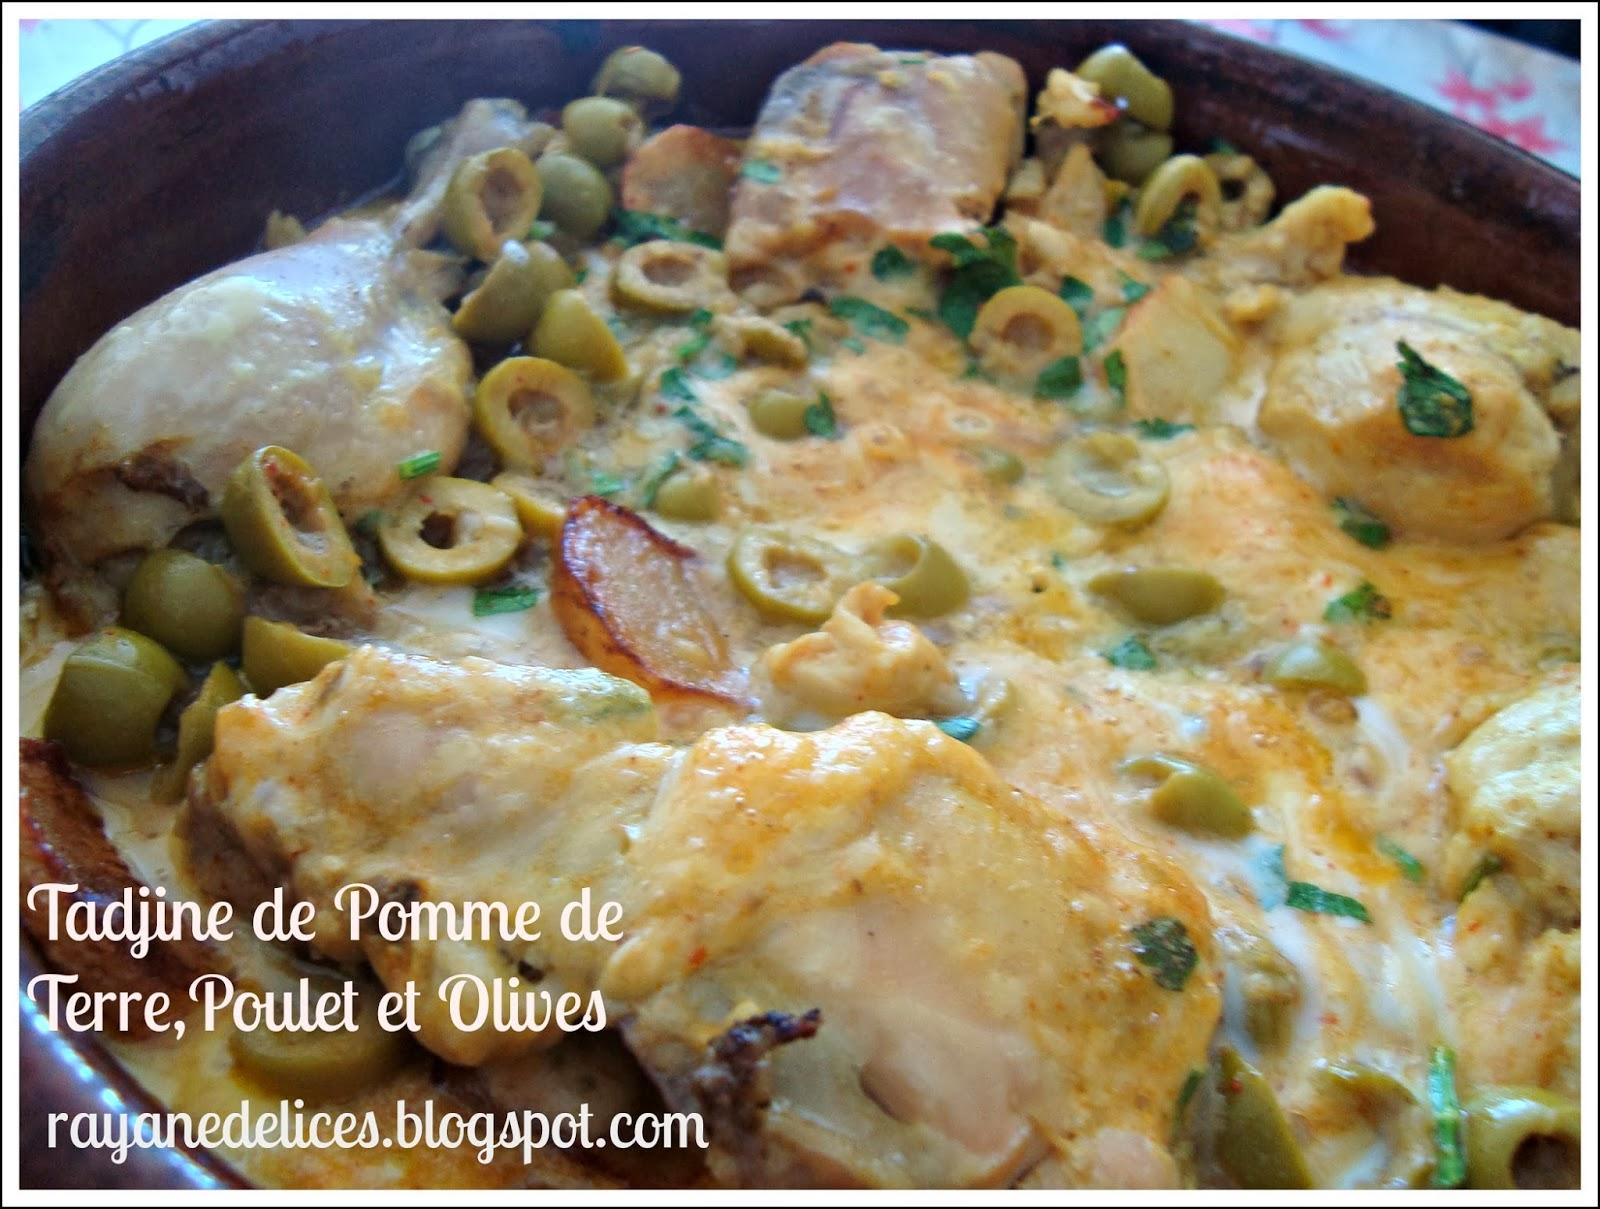 Rayan delices tajine de pomme de terre poulet et olives for Marinade poulet huile d olive